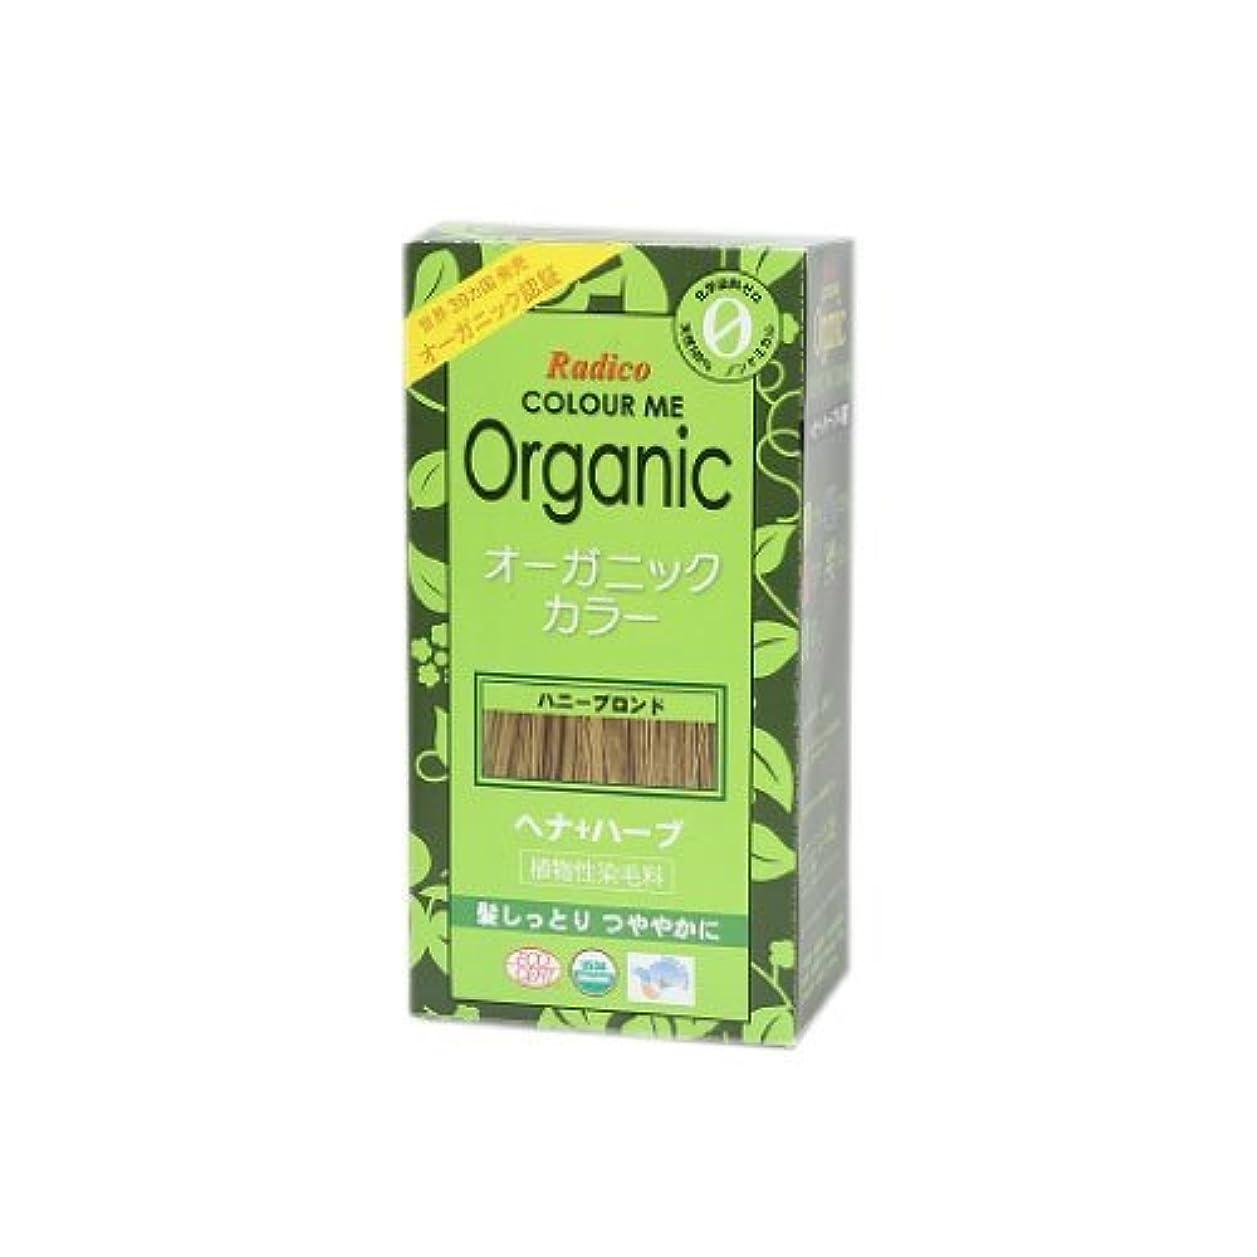 飛躍チラチラする眩惑するCOLOURME Organic (カラーミーオーガニック ヘナ 白髪用) ハニーブロンド 100g